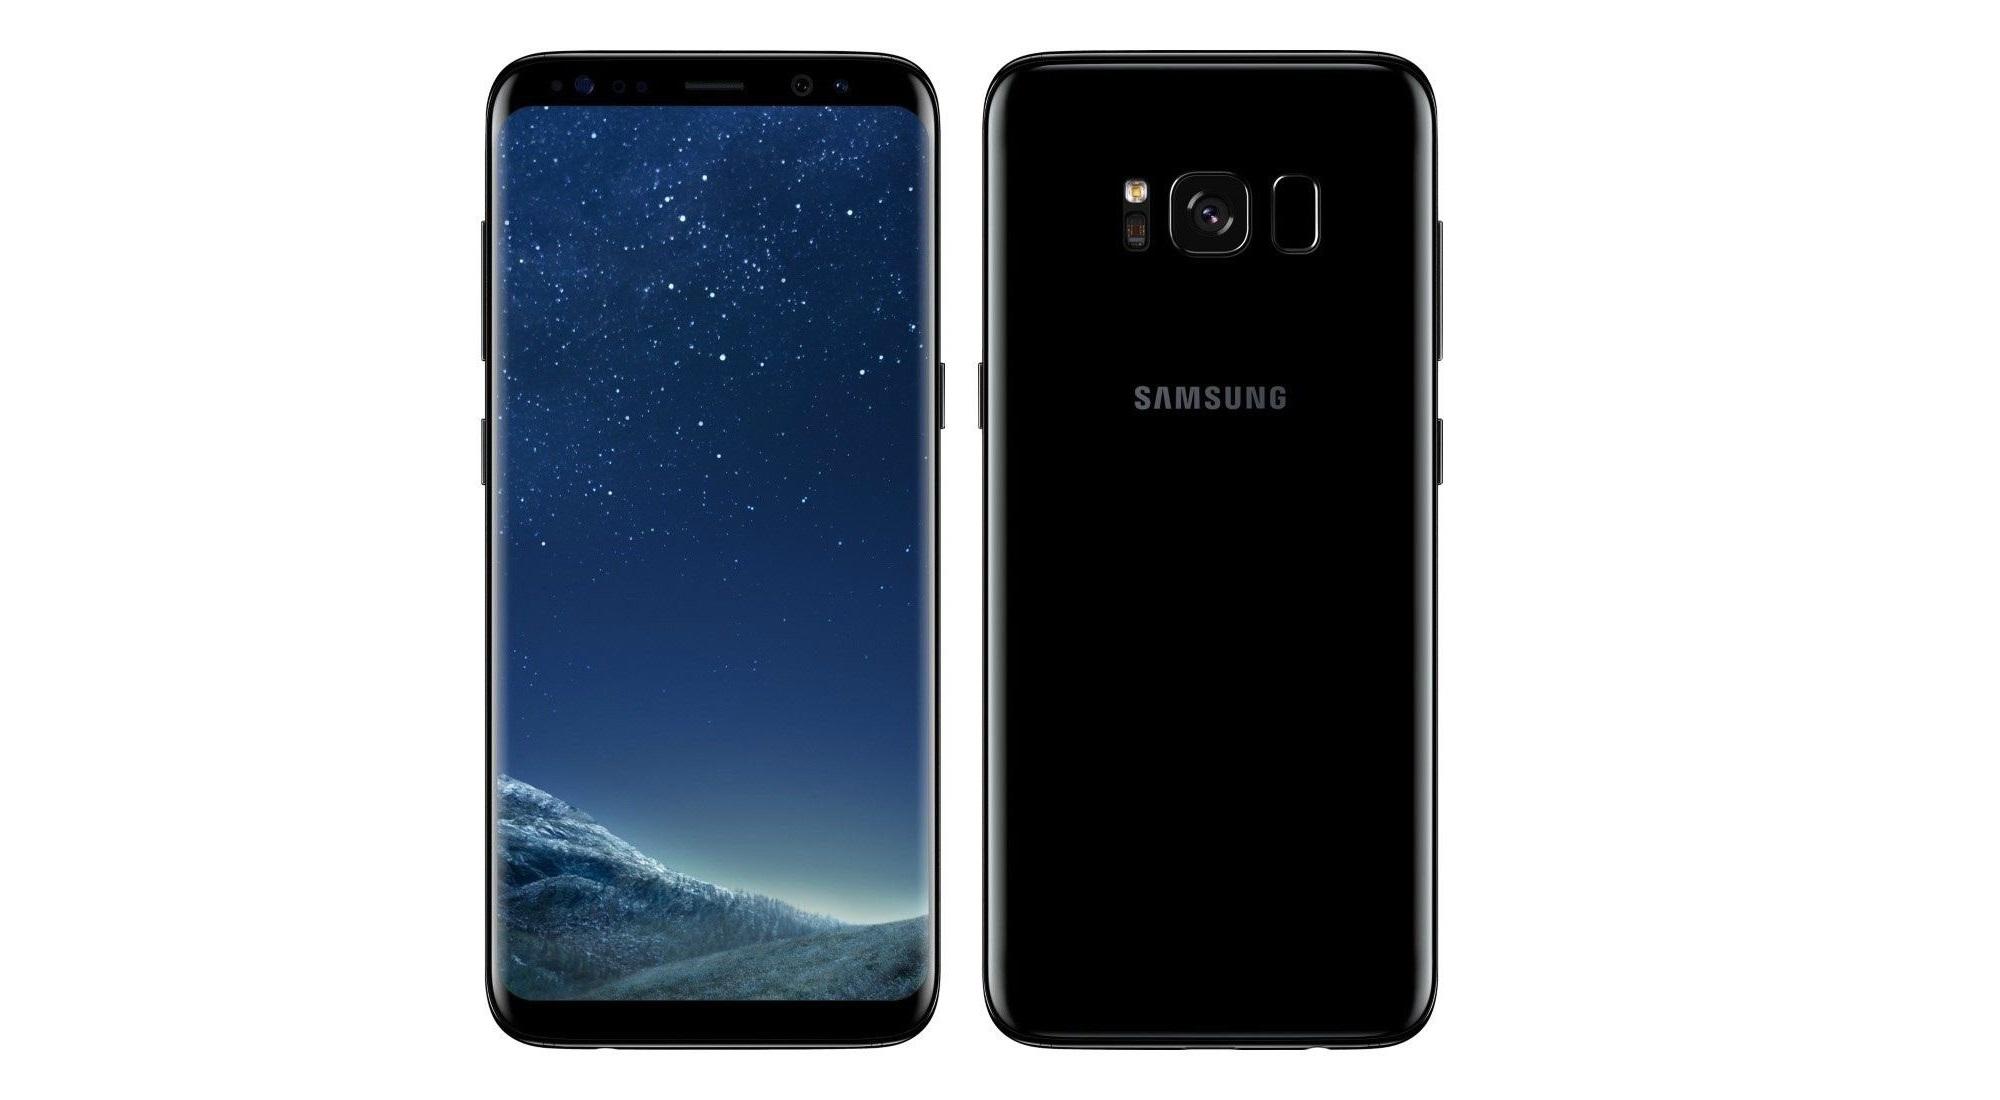 5f8d040a3ce ... lieu de 709 euros. D'accord, le capteur d'empreinte digitale du Galaxy  S8+ est vraiment mal placé et ne tombe jamais correctement sous l'index.